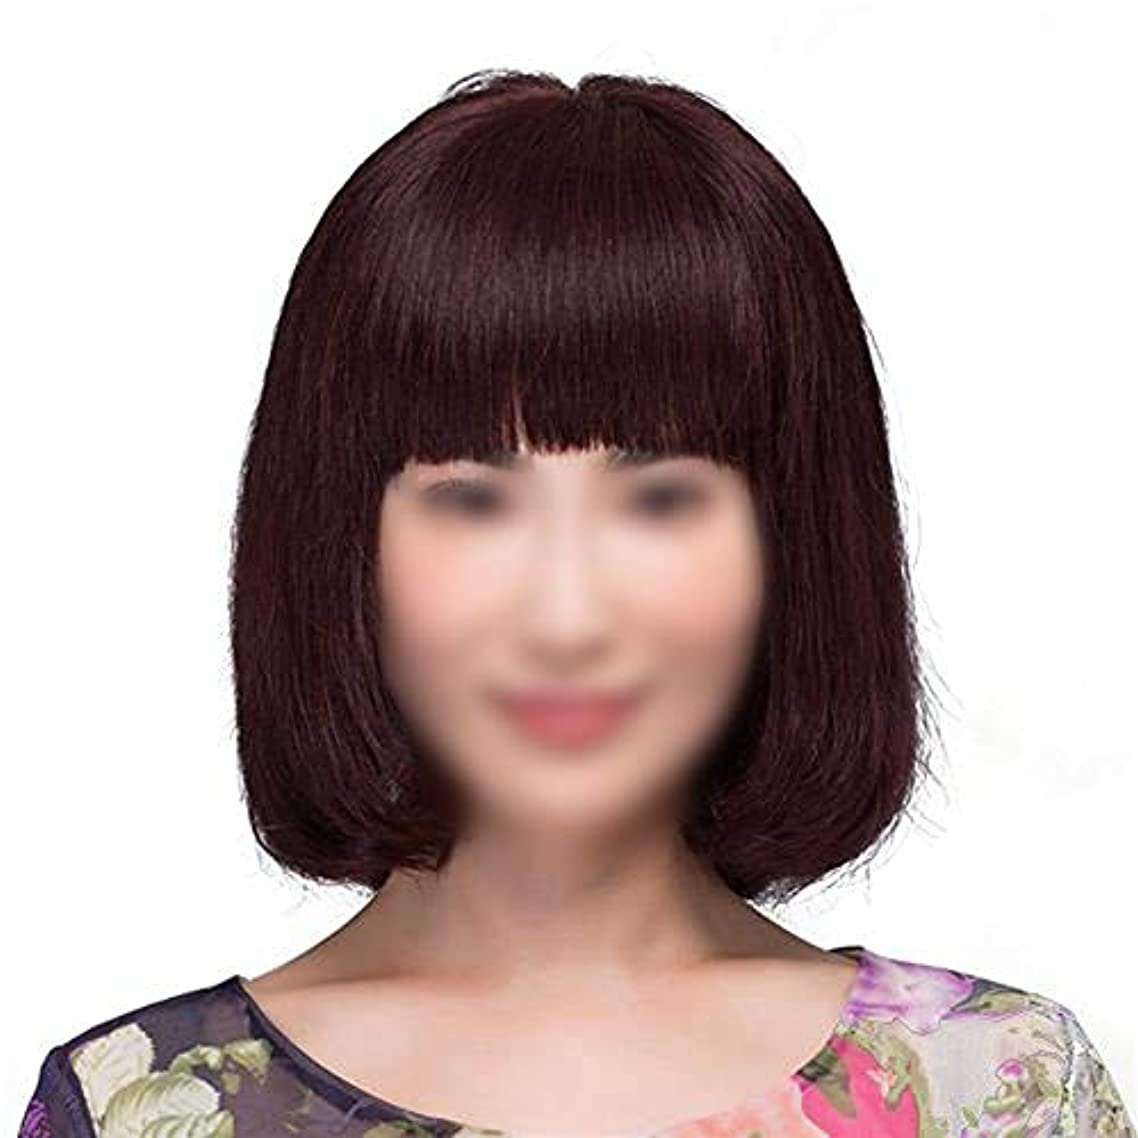 刺激する古くなった残り物YOUQIU 女子ショートストレートヘアーボブウィッグレアル髪ふわふわナチュラル鎖骨Hairdailyドレスウィッグ (色 : Dark brown)